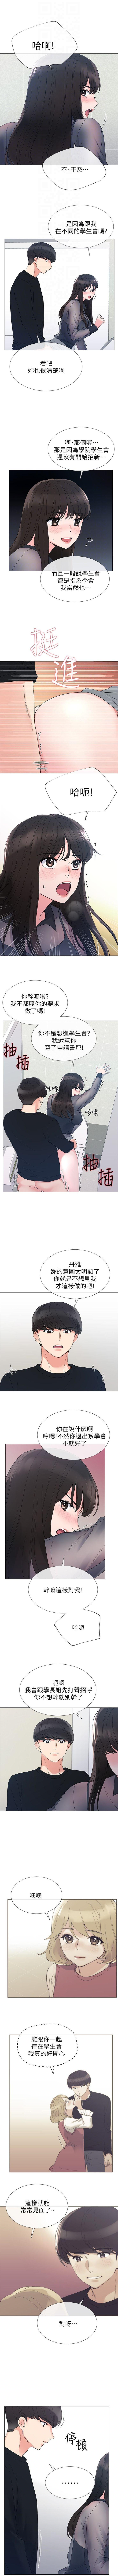 重考生 1-44 中文翻译(更新中) 189